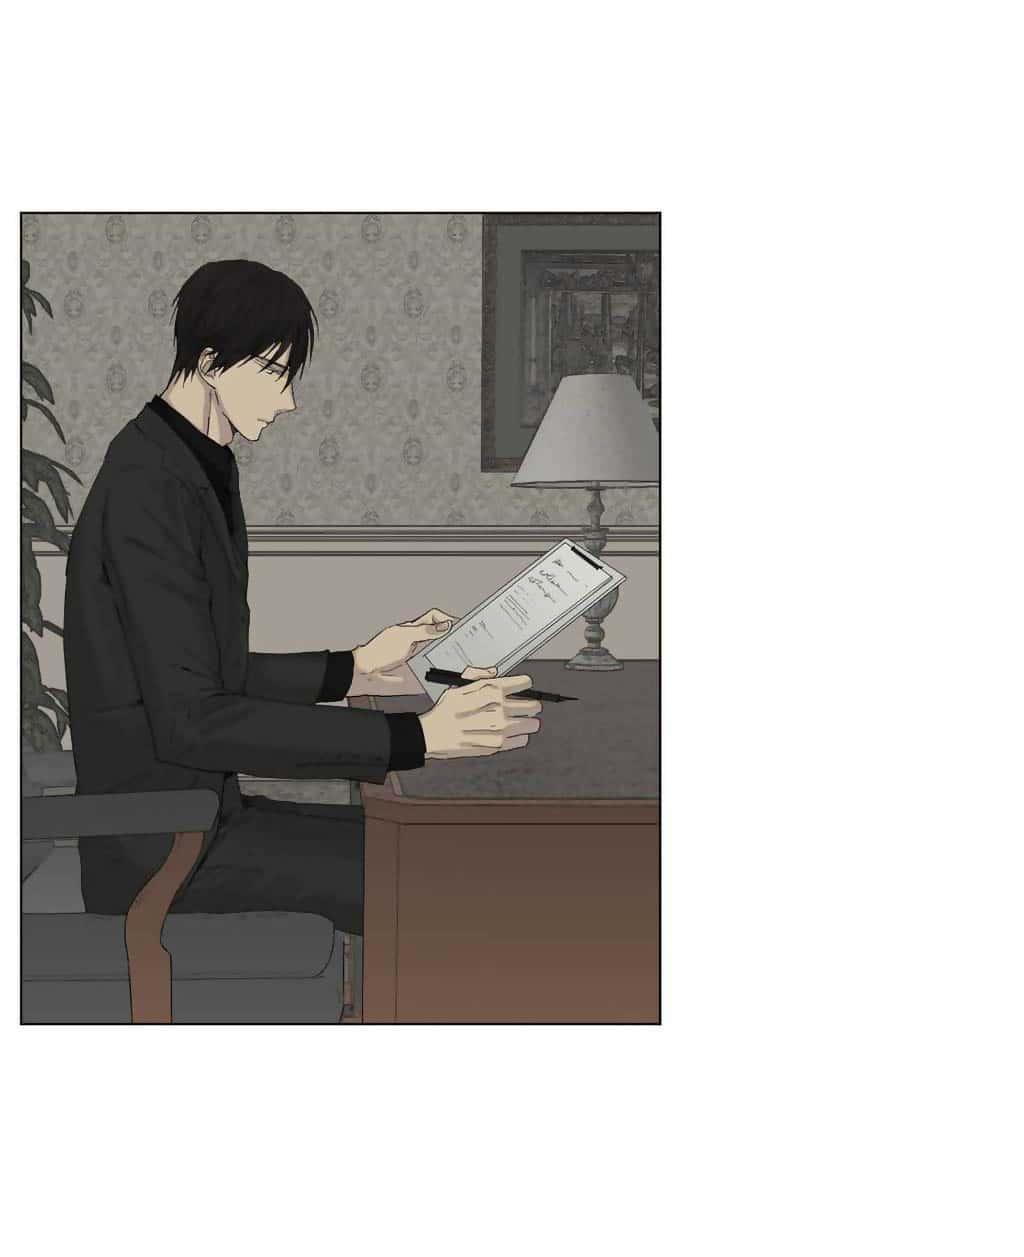 Trang 23 - Người hầu hoàng gia - Royal Servant - Chương 007 () - Truyện tranh Gay - Server HostedOnGoogleServerStaging